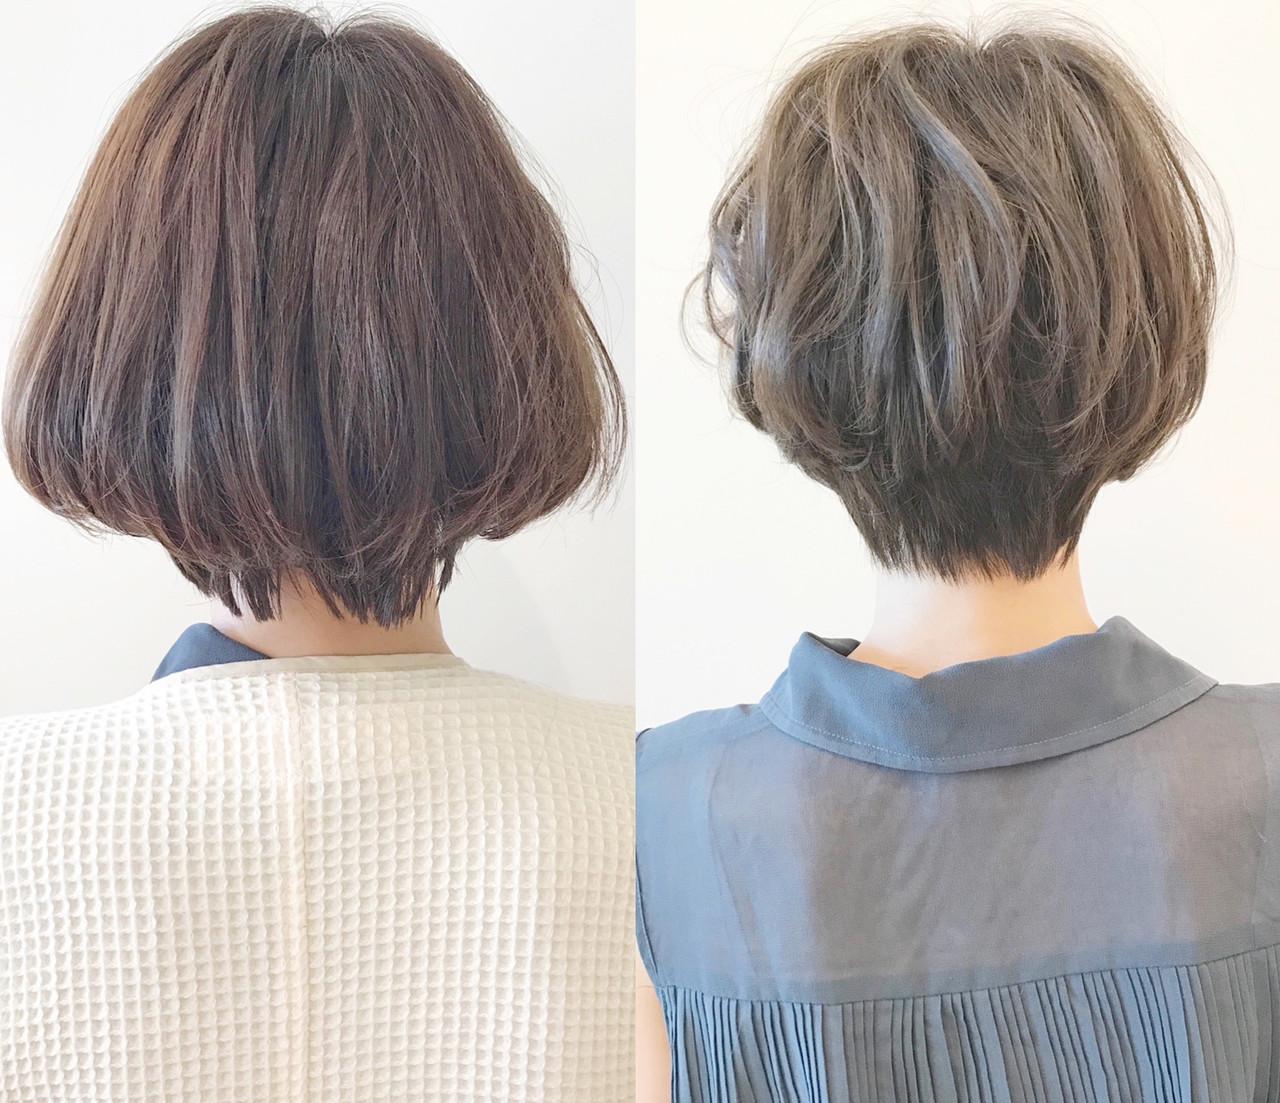 オフィス パーマ アンニュイほつれヘア ナチュラル ヘアスタイルや髪型の写真・画像